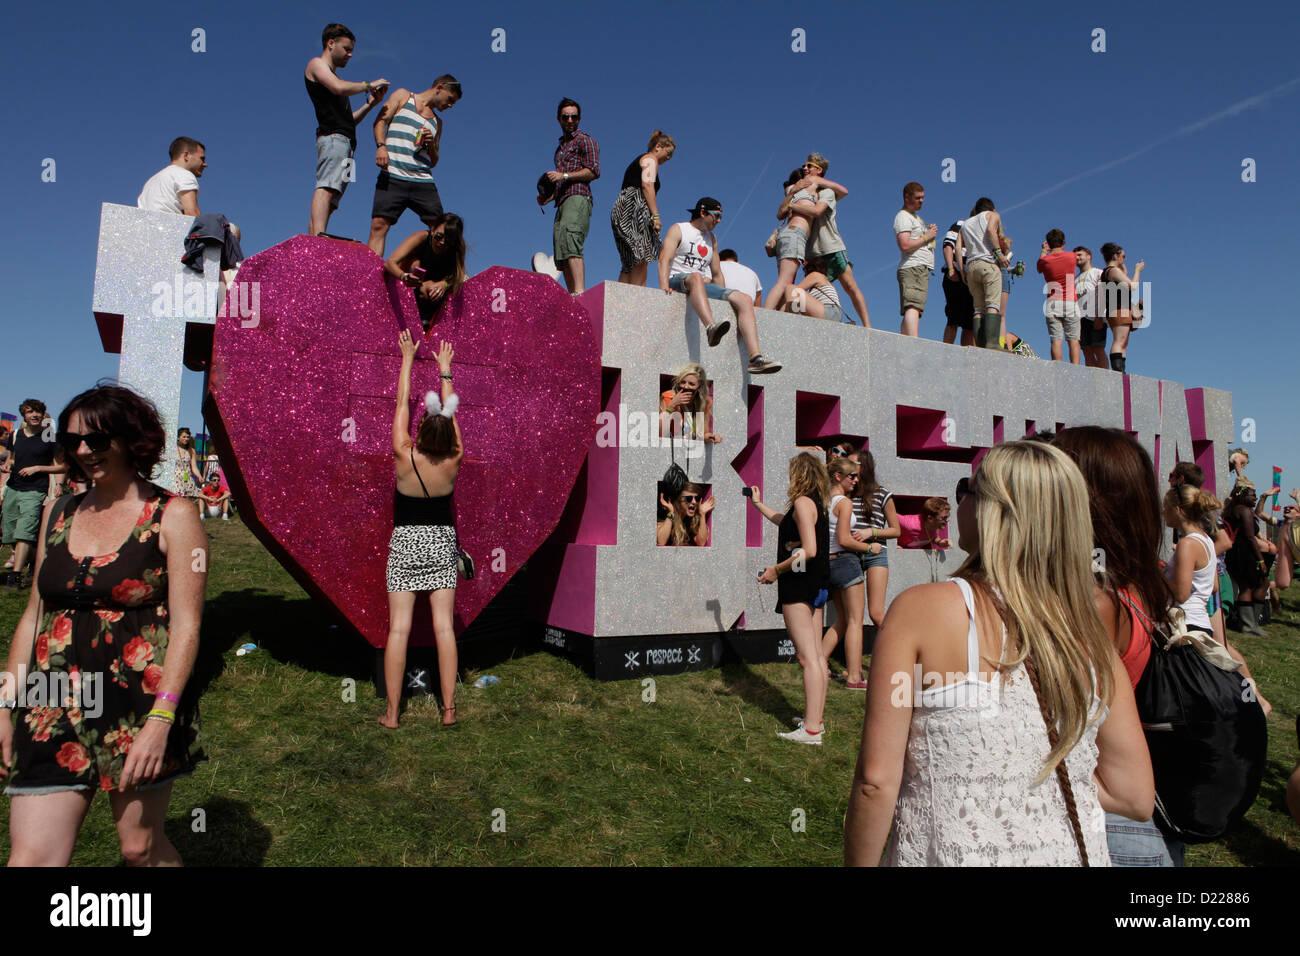 Das Bestival Schild mit Menschenmassen beim Bestival Festival, Insel der weißen, uk, September 2012. Stockfoto